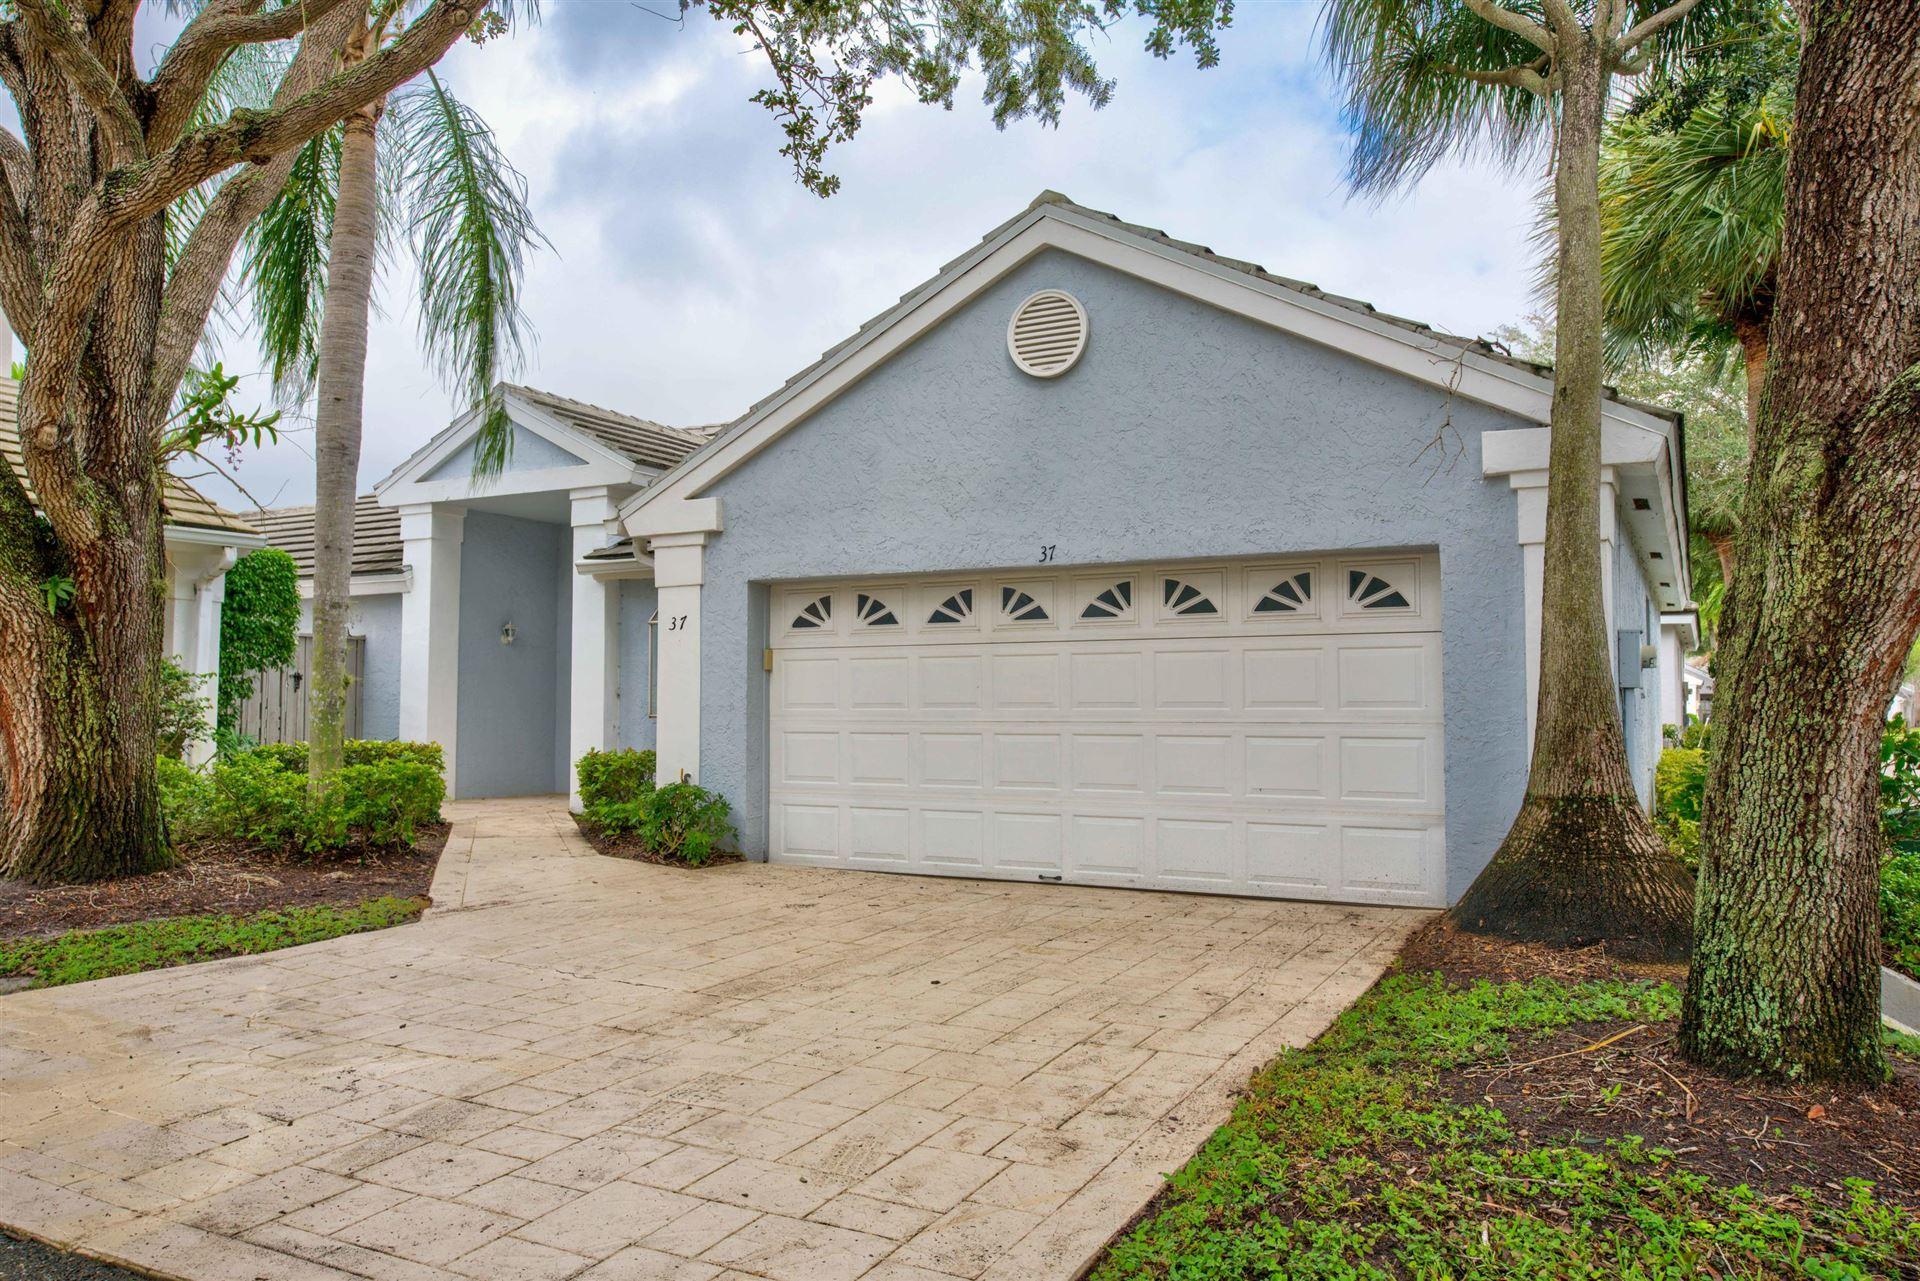 Photo of 37 Admirals Court, Palm Beach Gardens, FL 33418 (MLS # RX-10669846)